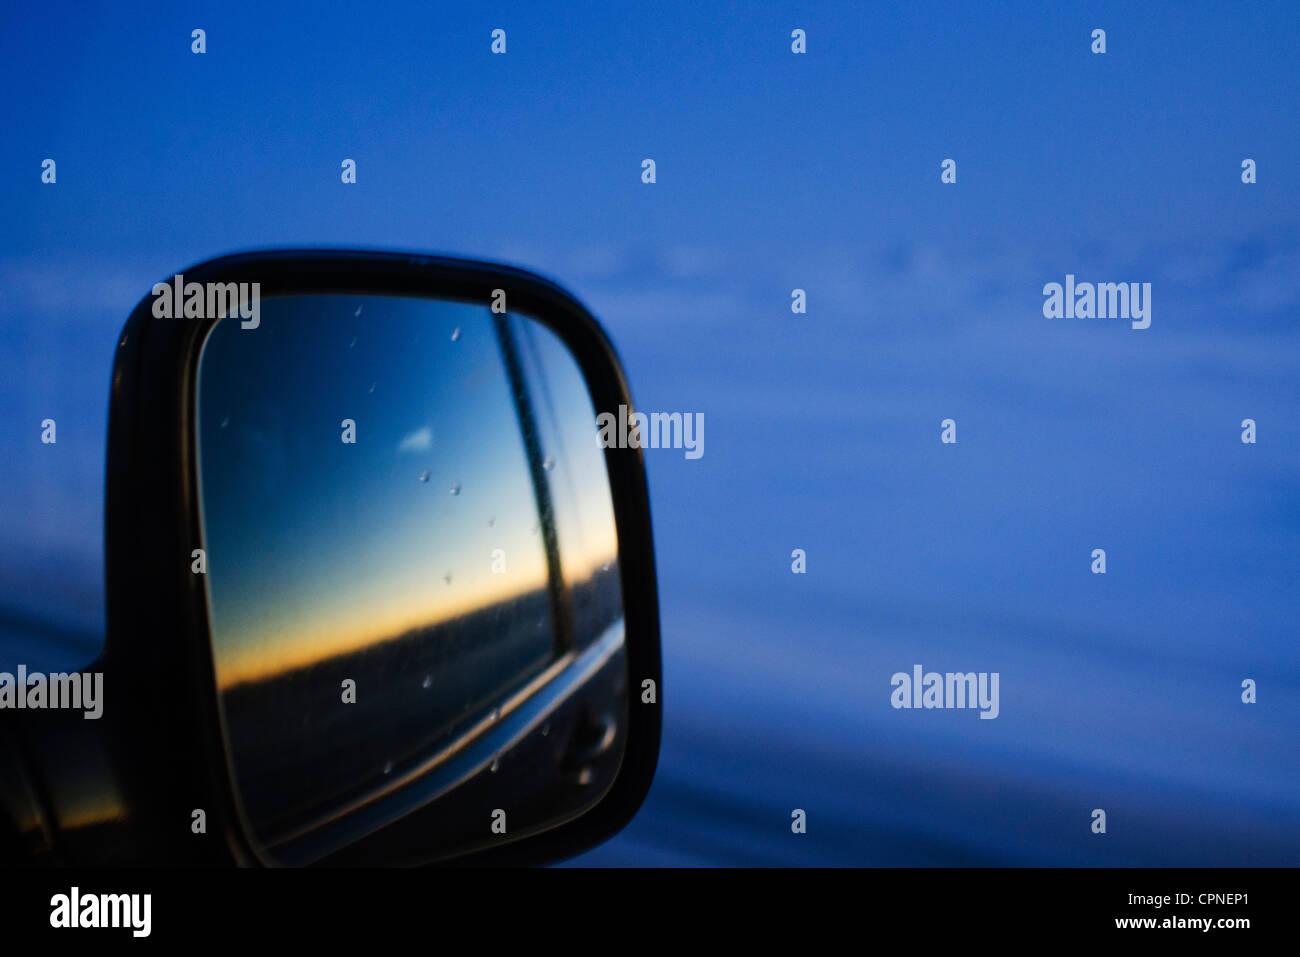 Sonnenuntergang spiegelt sich in dem Auto Außenspiegel Stockbild